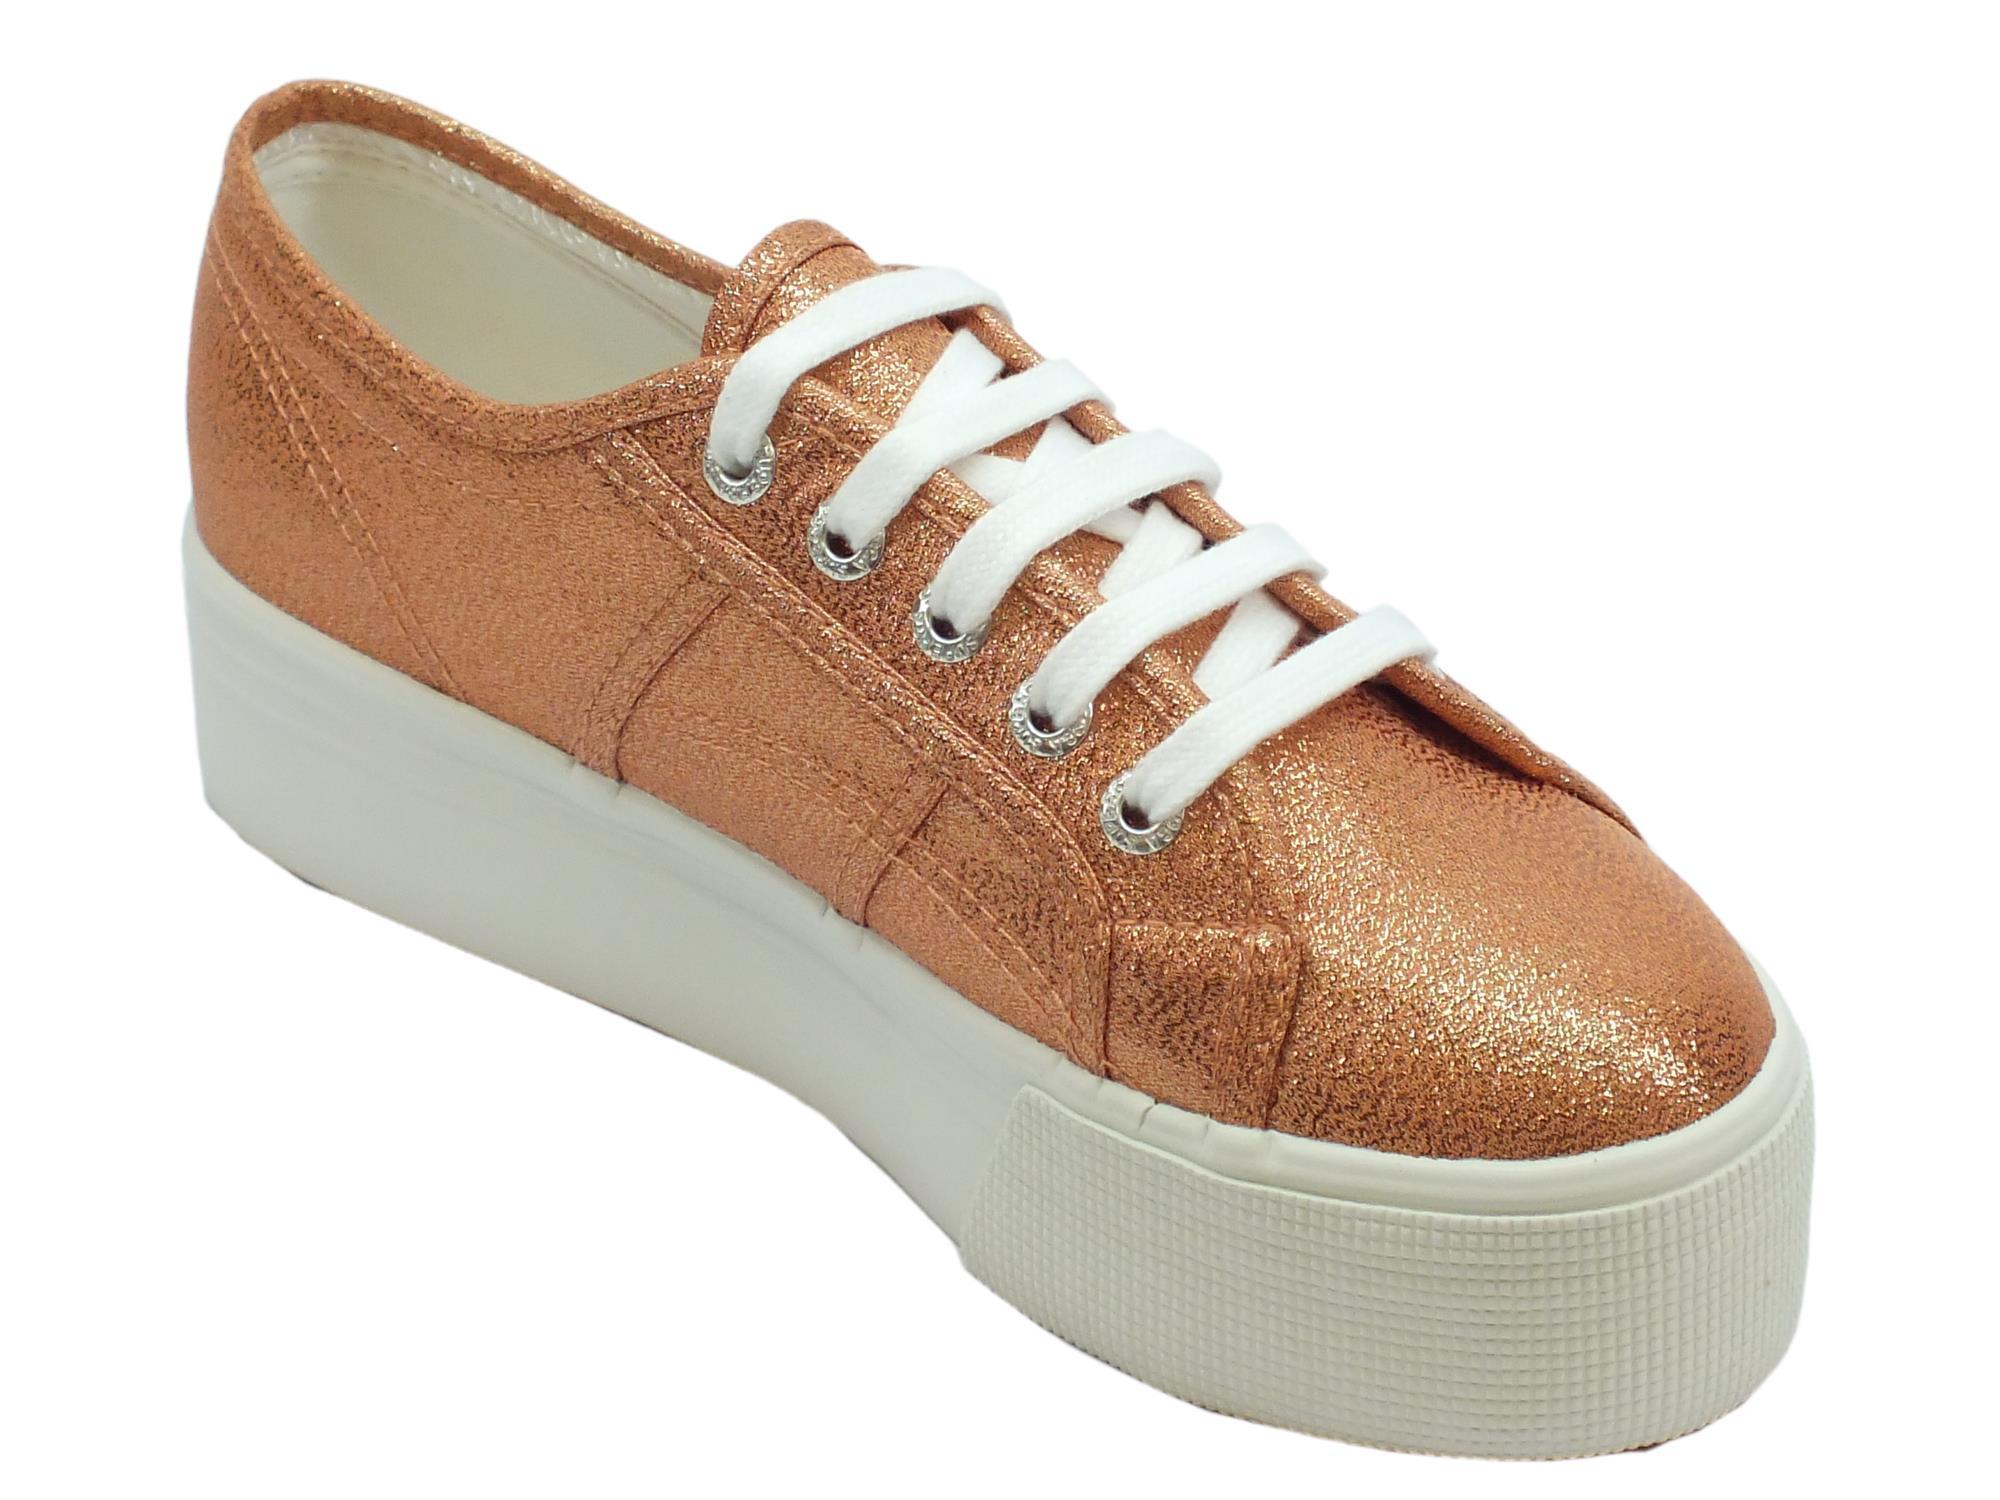 ... Sneakers Superga per donna in tessuto laminato rose gold zeppa alta ... 3e1864b92b7